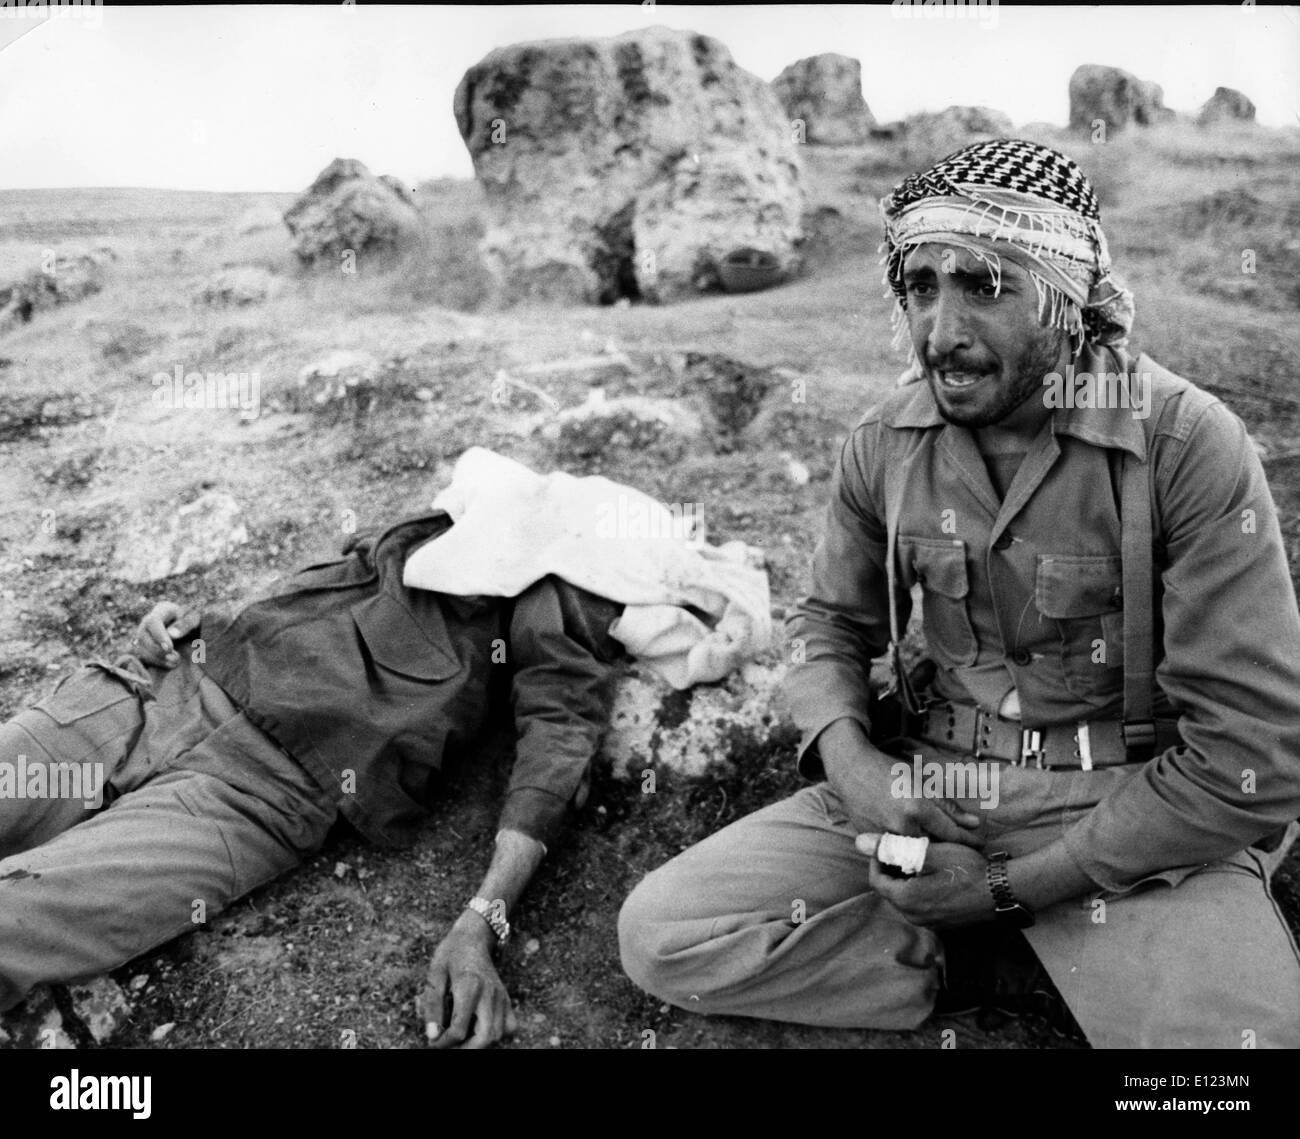 Mar 25, 1985; en Teherán, Irán; Irán desde la perspectiva de la guerra de 1980 entre el Irán y el Iraq. (Crédito de la Imagen: © KEYSTONE Fotos EE.UU.) Imagen De Stock